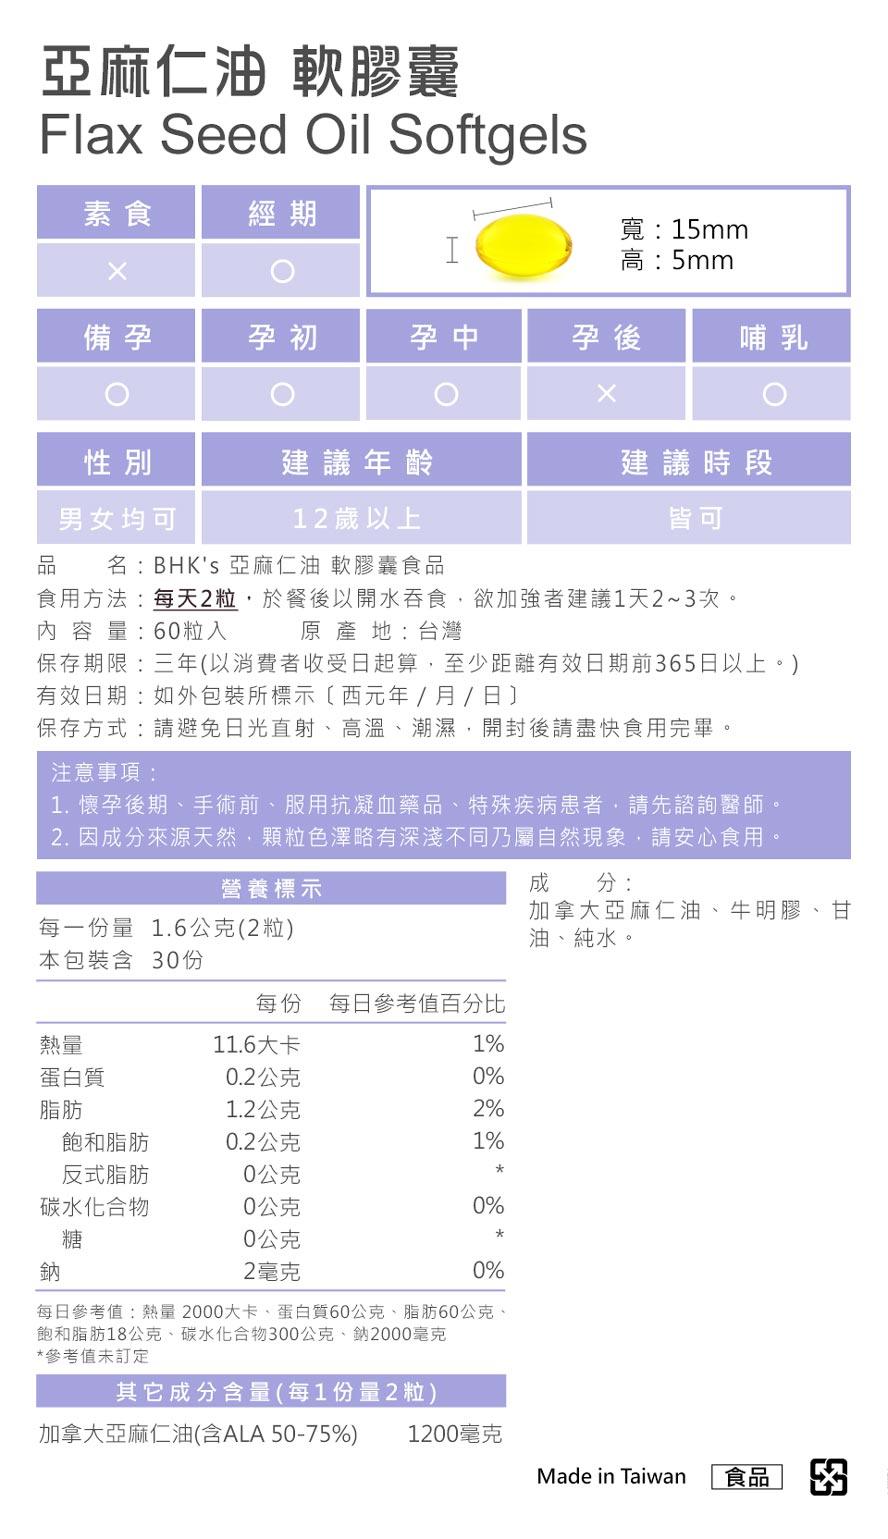 BHK's亞麻仁油通過安全檢驗,安全無慮、無副作用